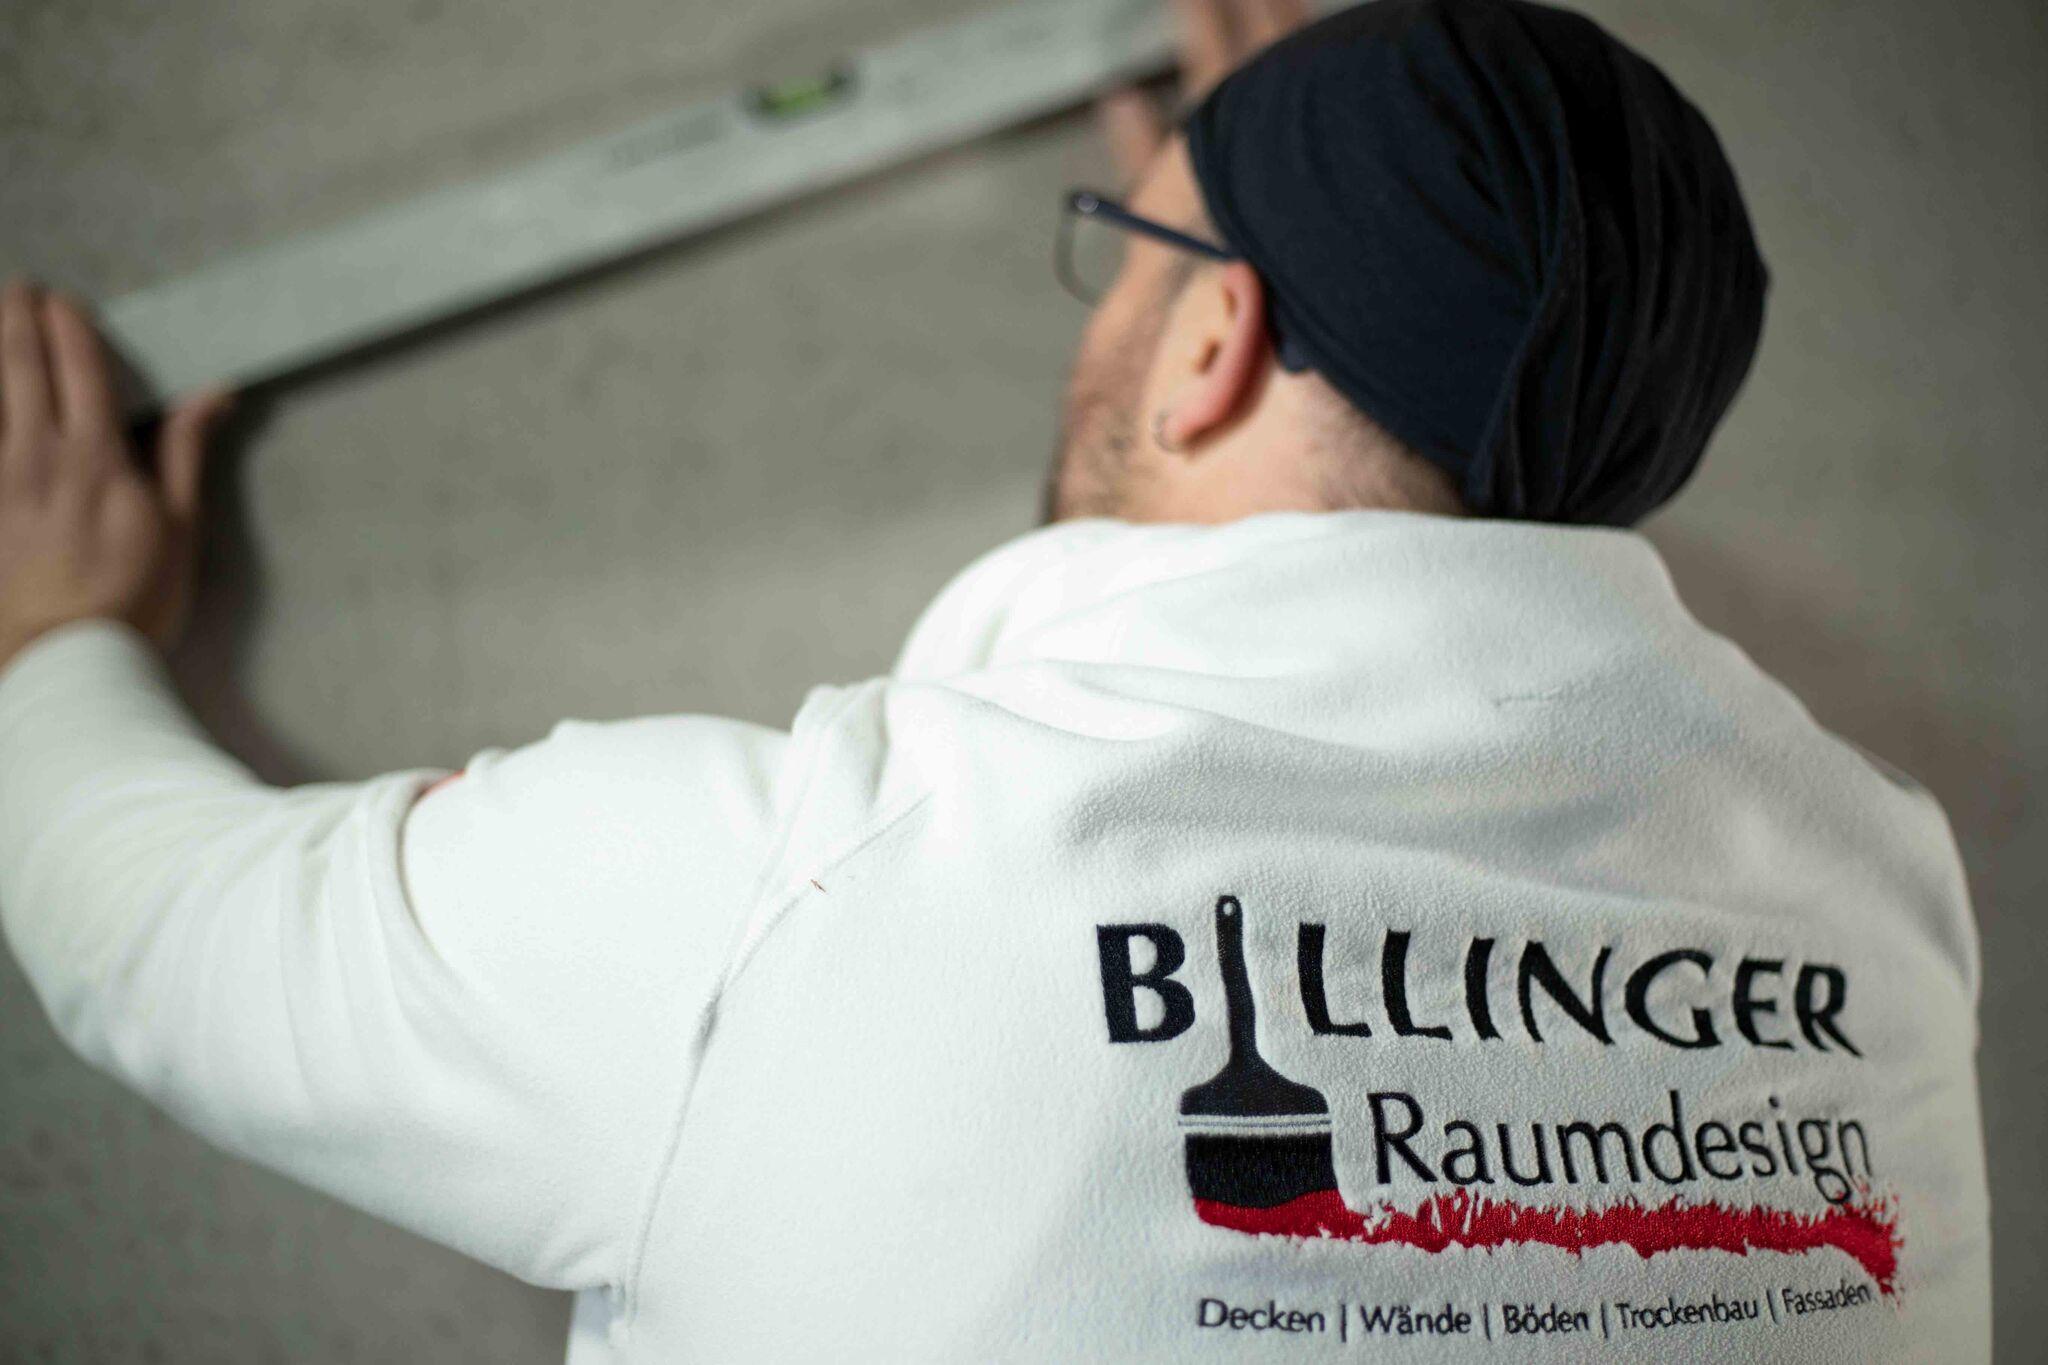 billinger_1